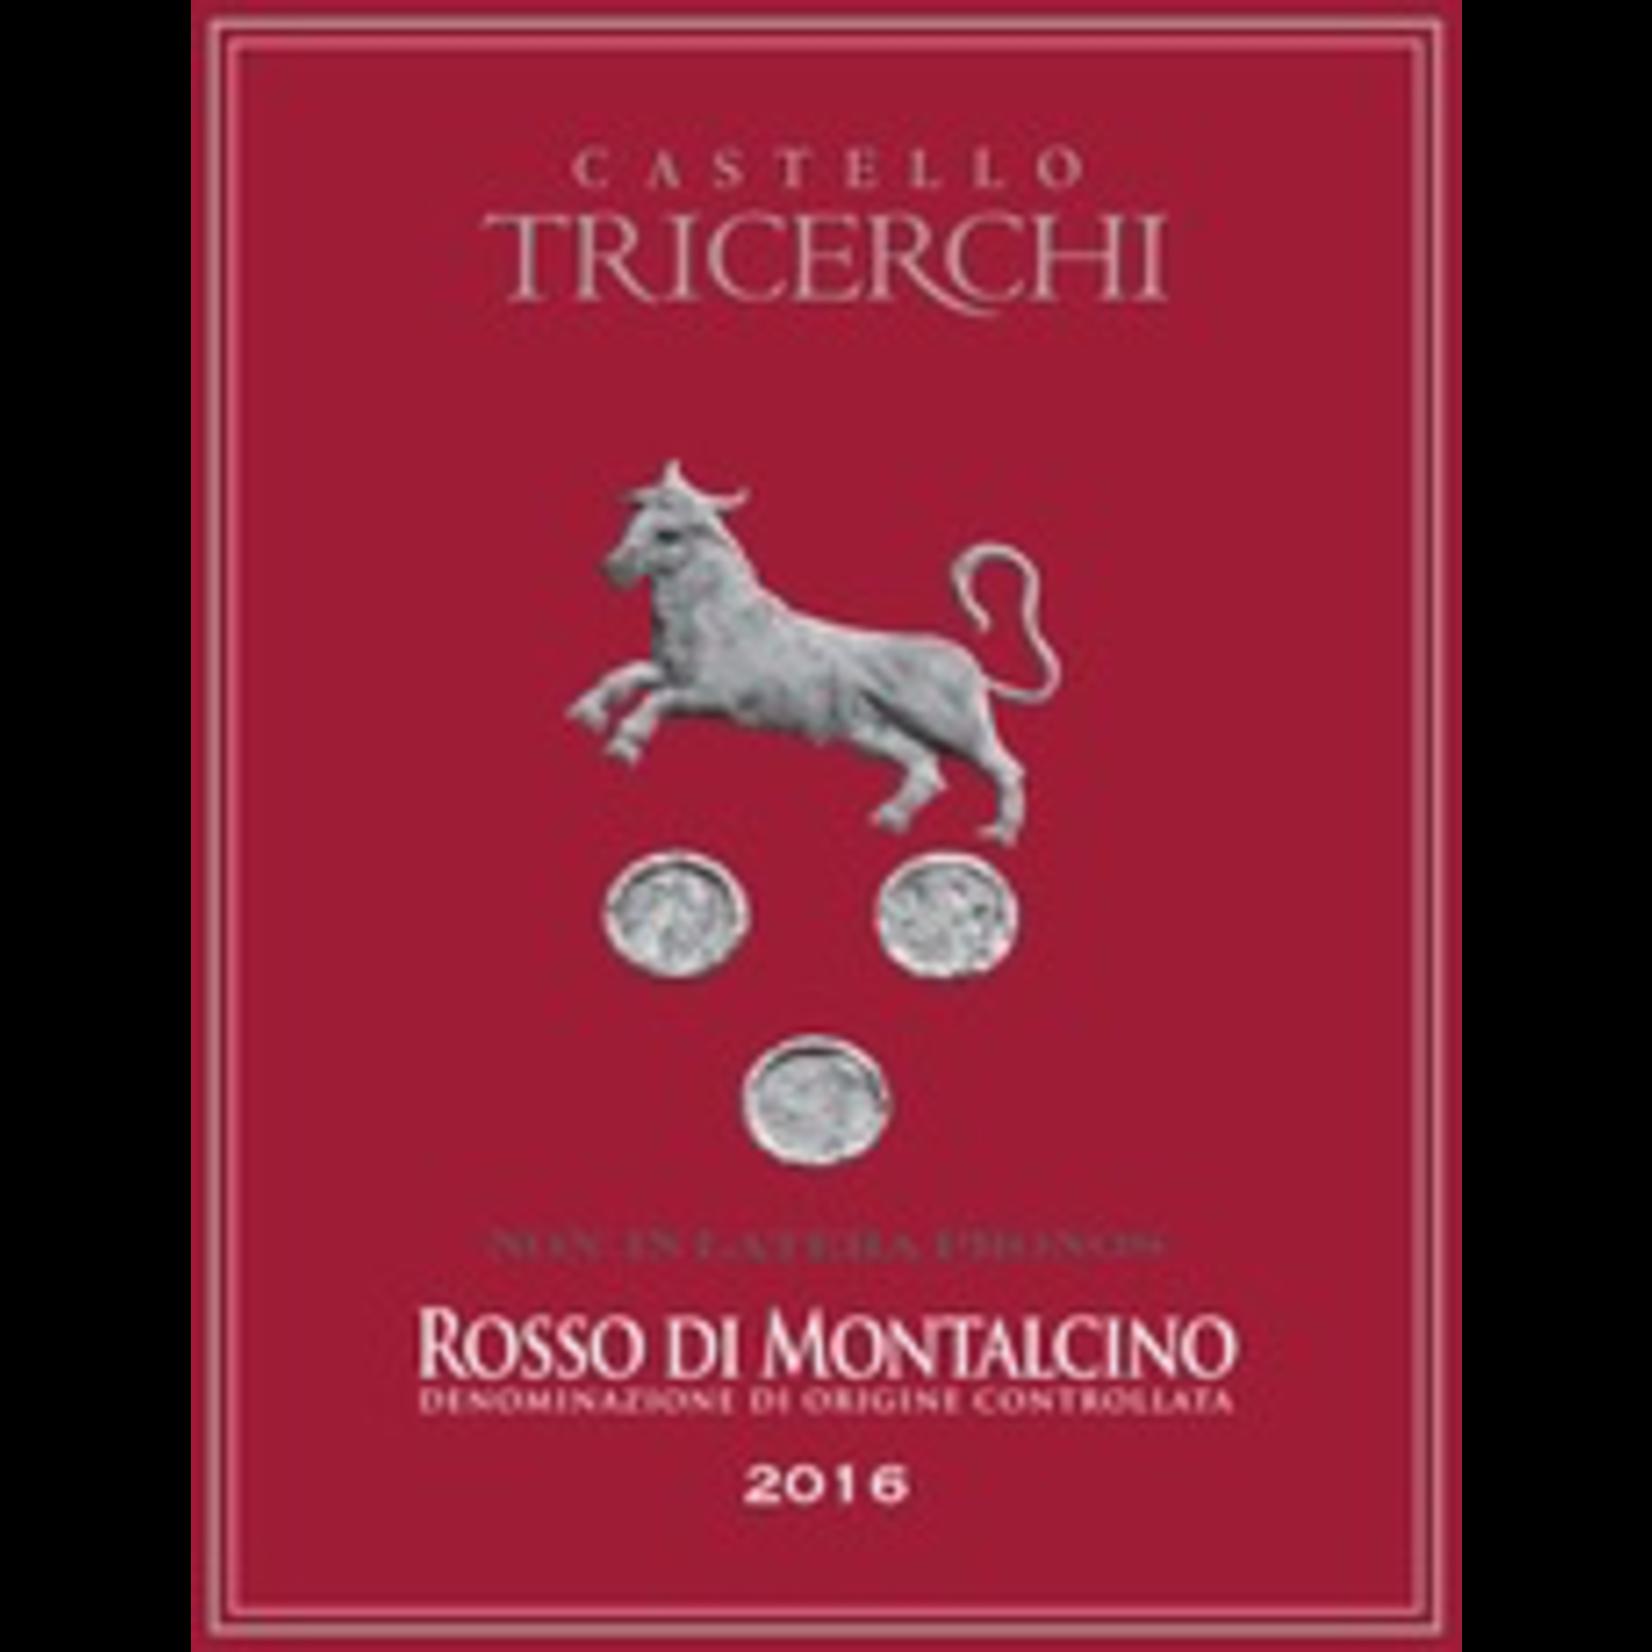 Castello Tricerchi Rosso di Montalcino 2016